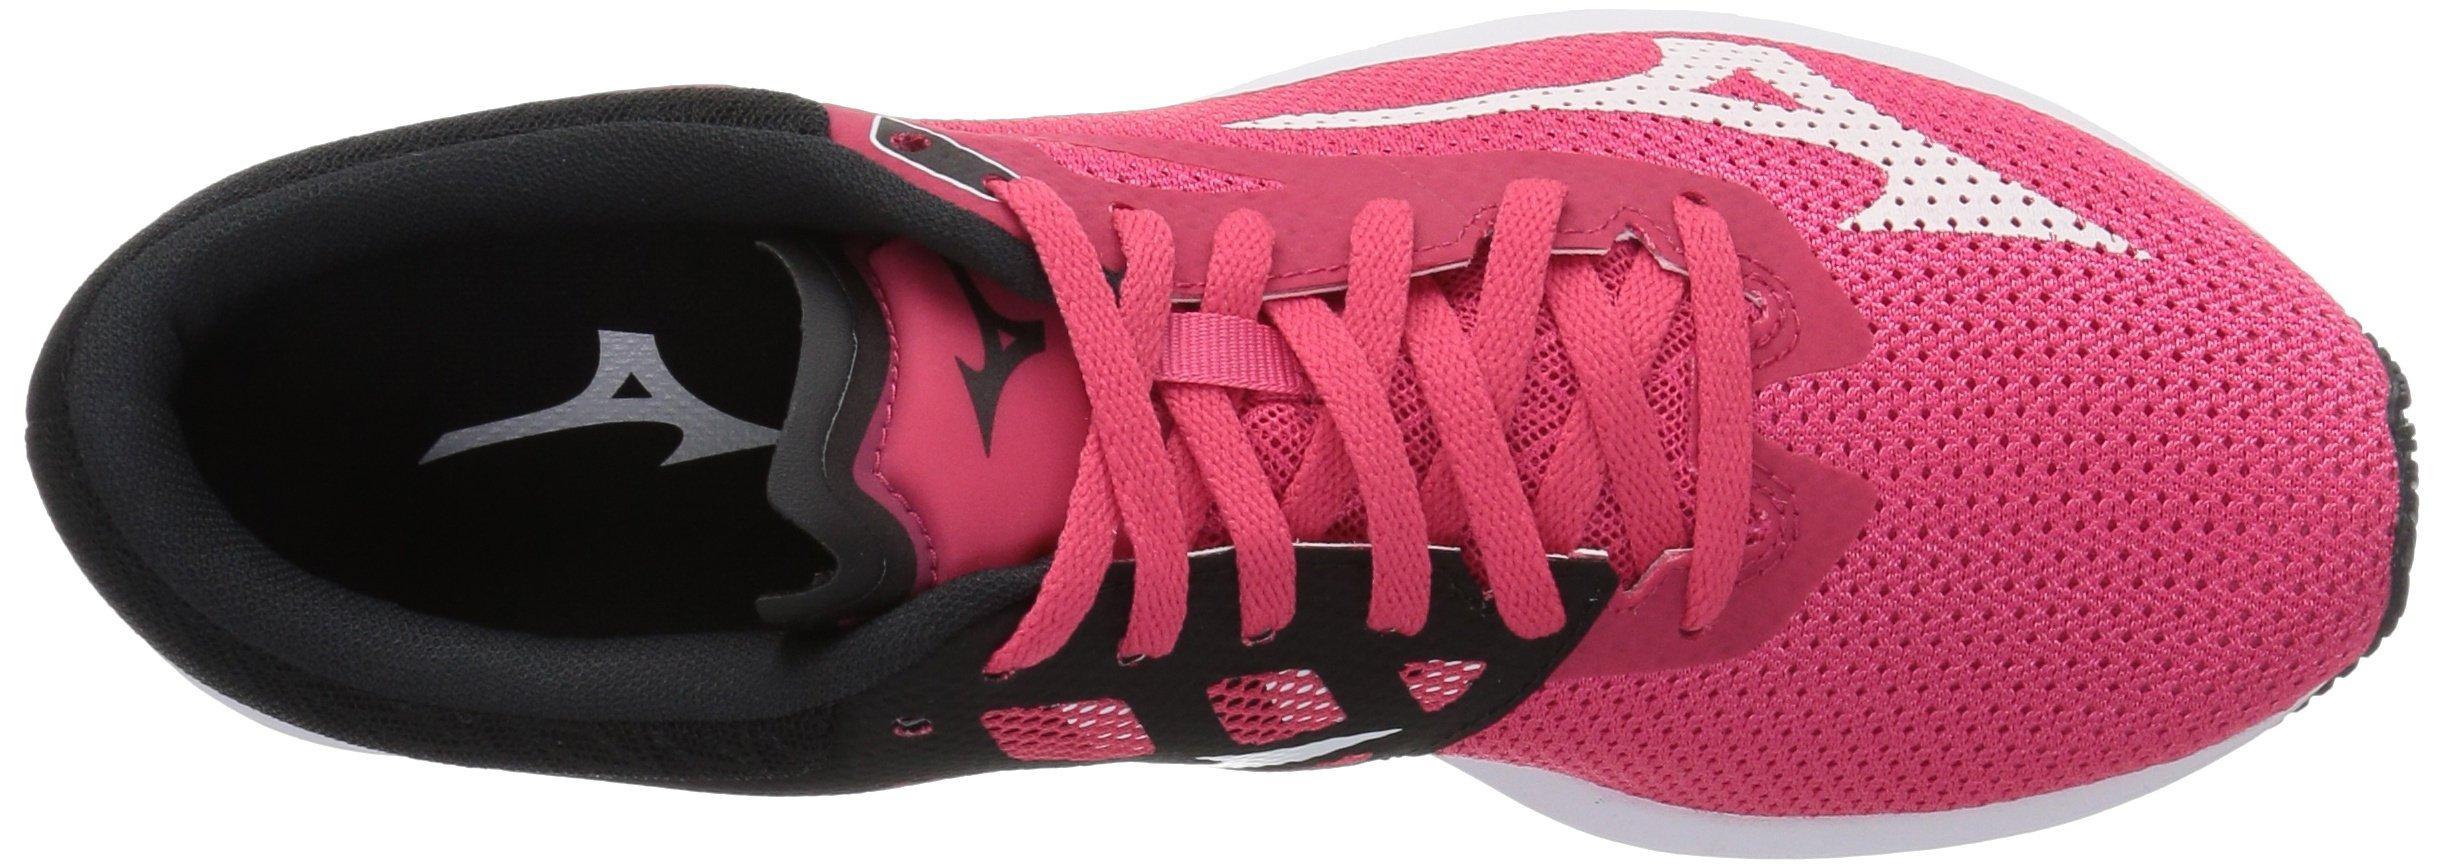 81Y5l0uQ4NL - Mizuno Women's Wave Sonic Running Shoe